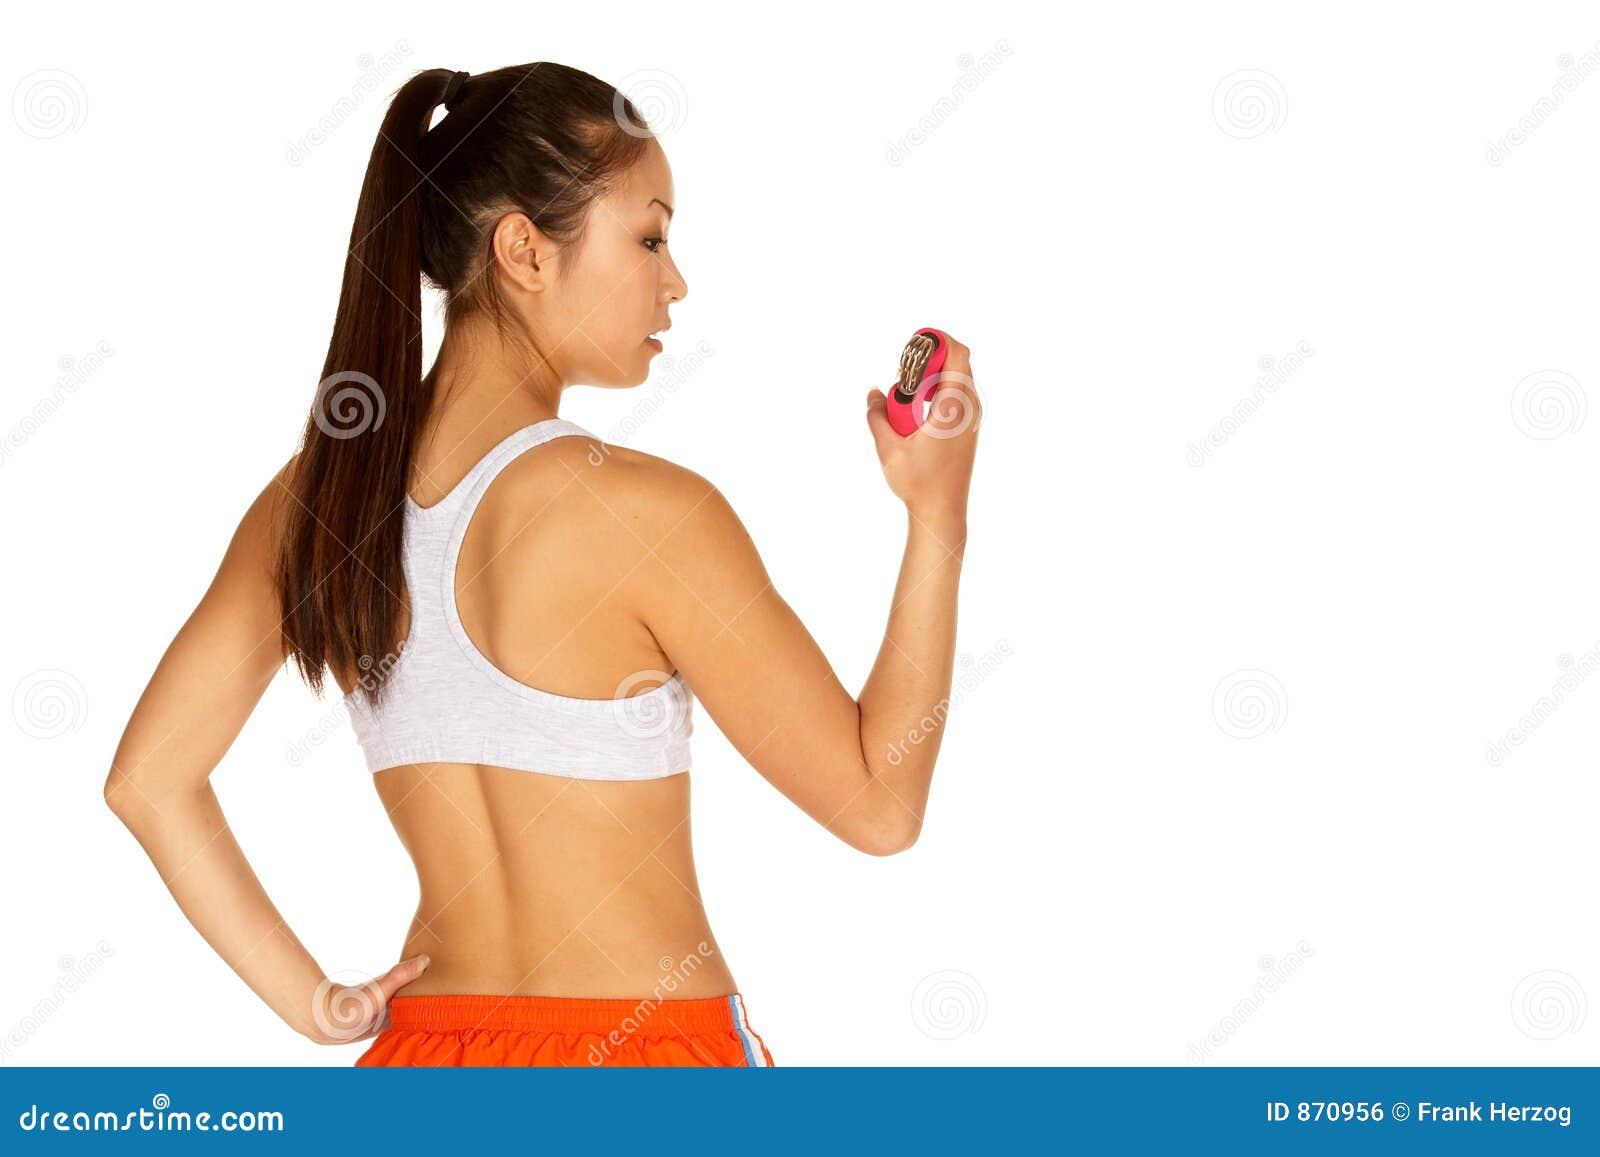 Schöne junge asiatische Frau im Sport-Büstenhalter mit der Hand GR